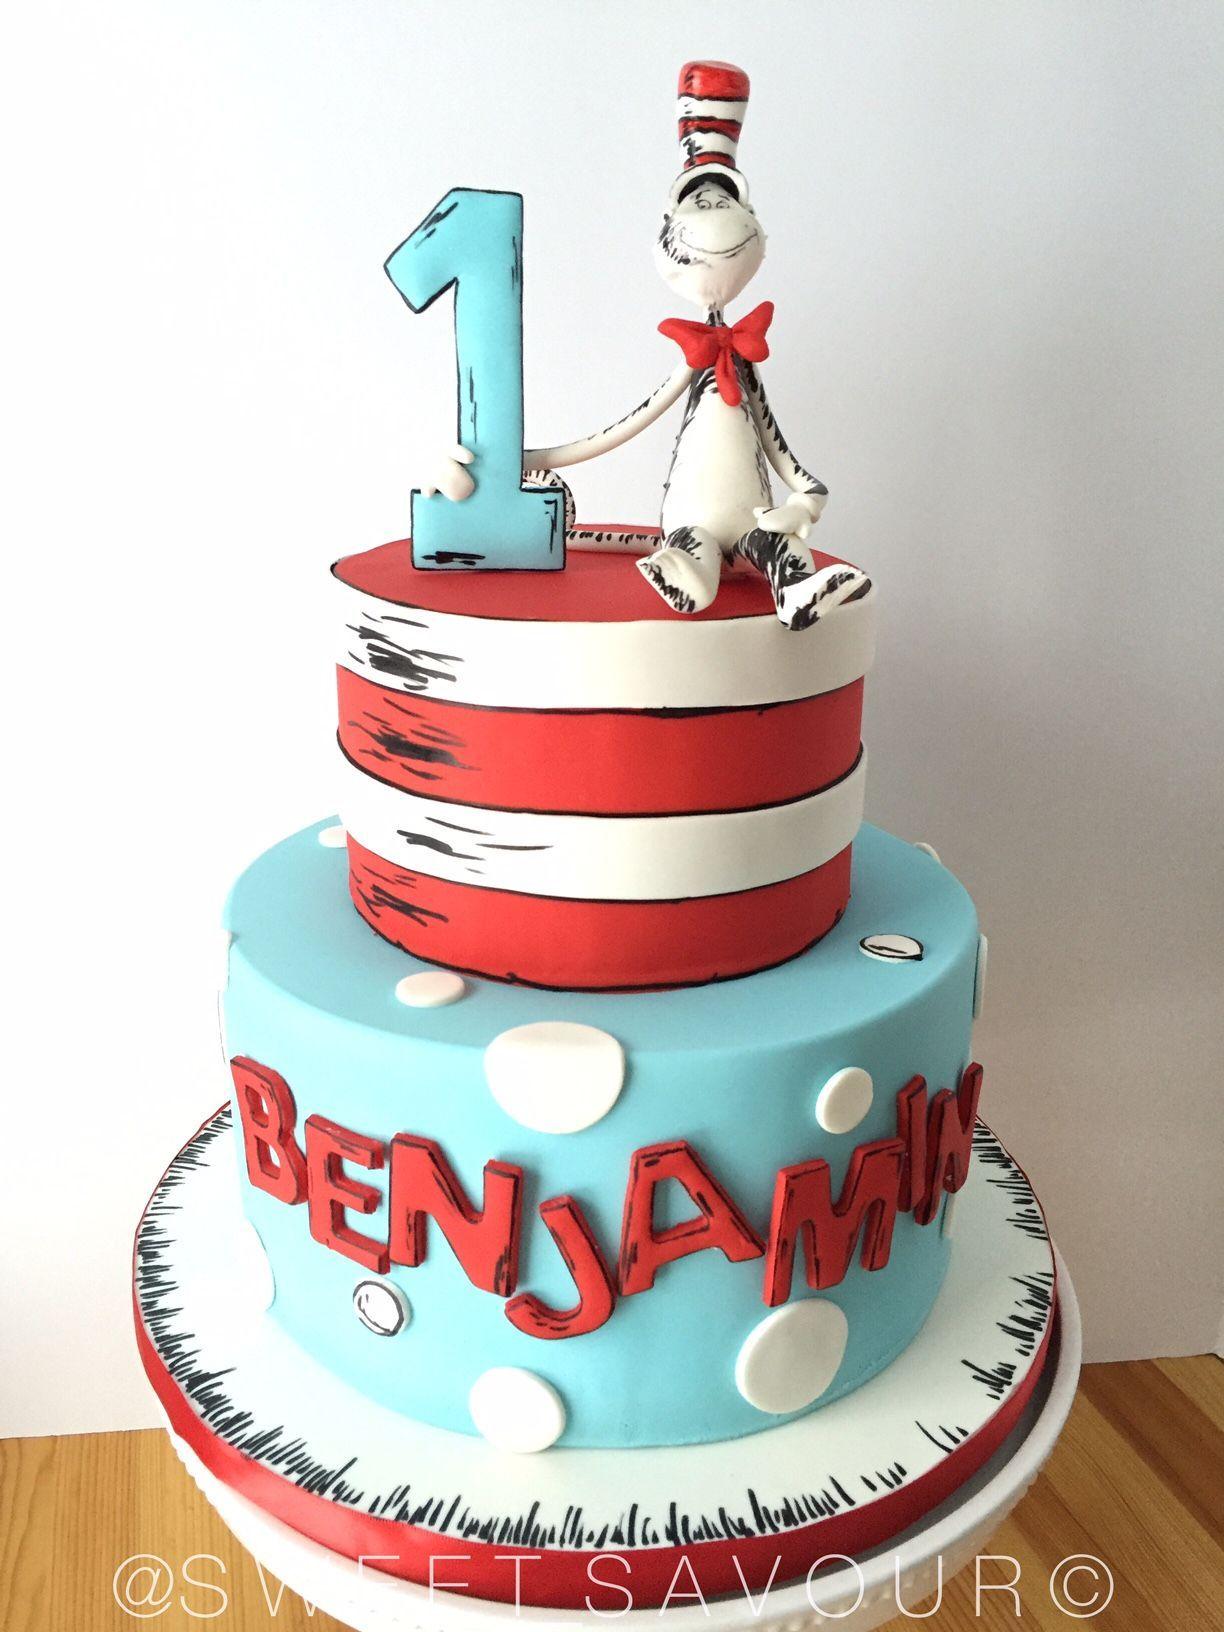 Pin On Theme Cake Ideas